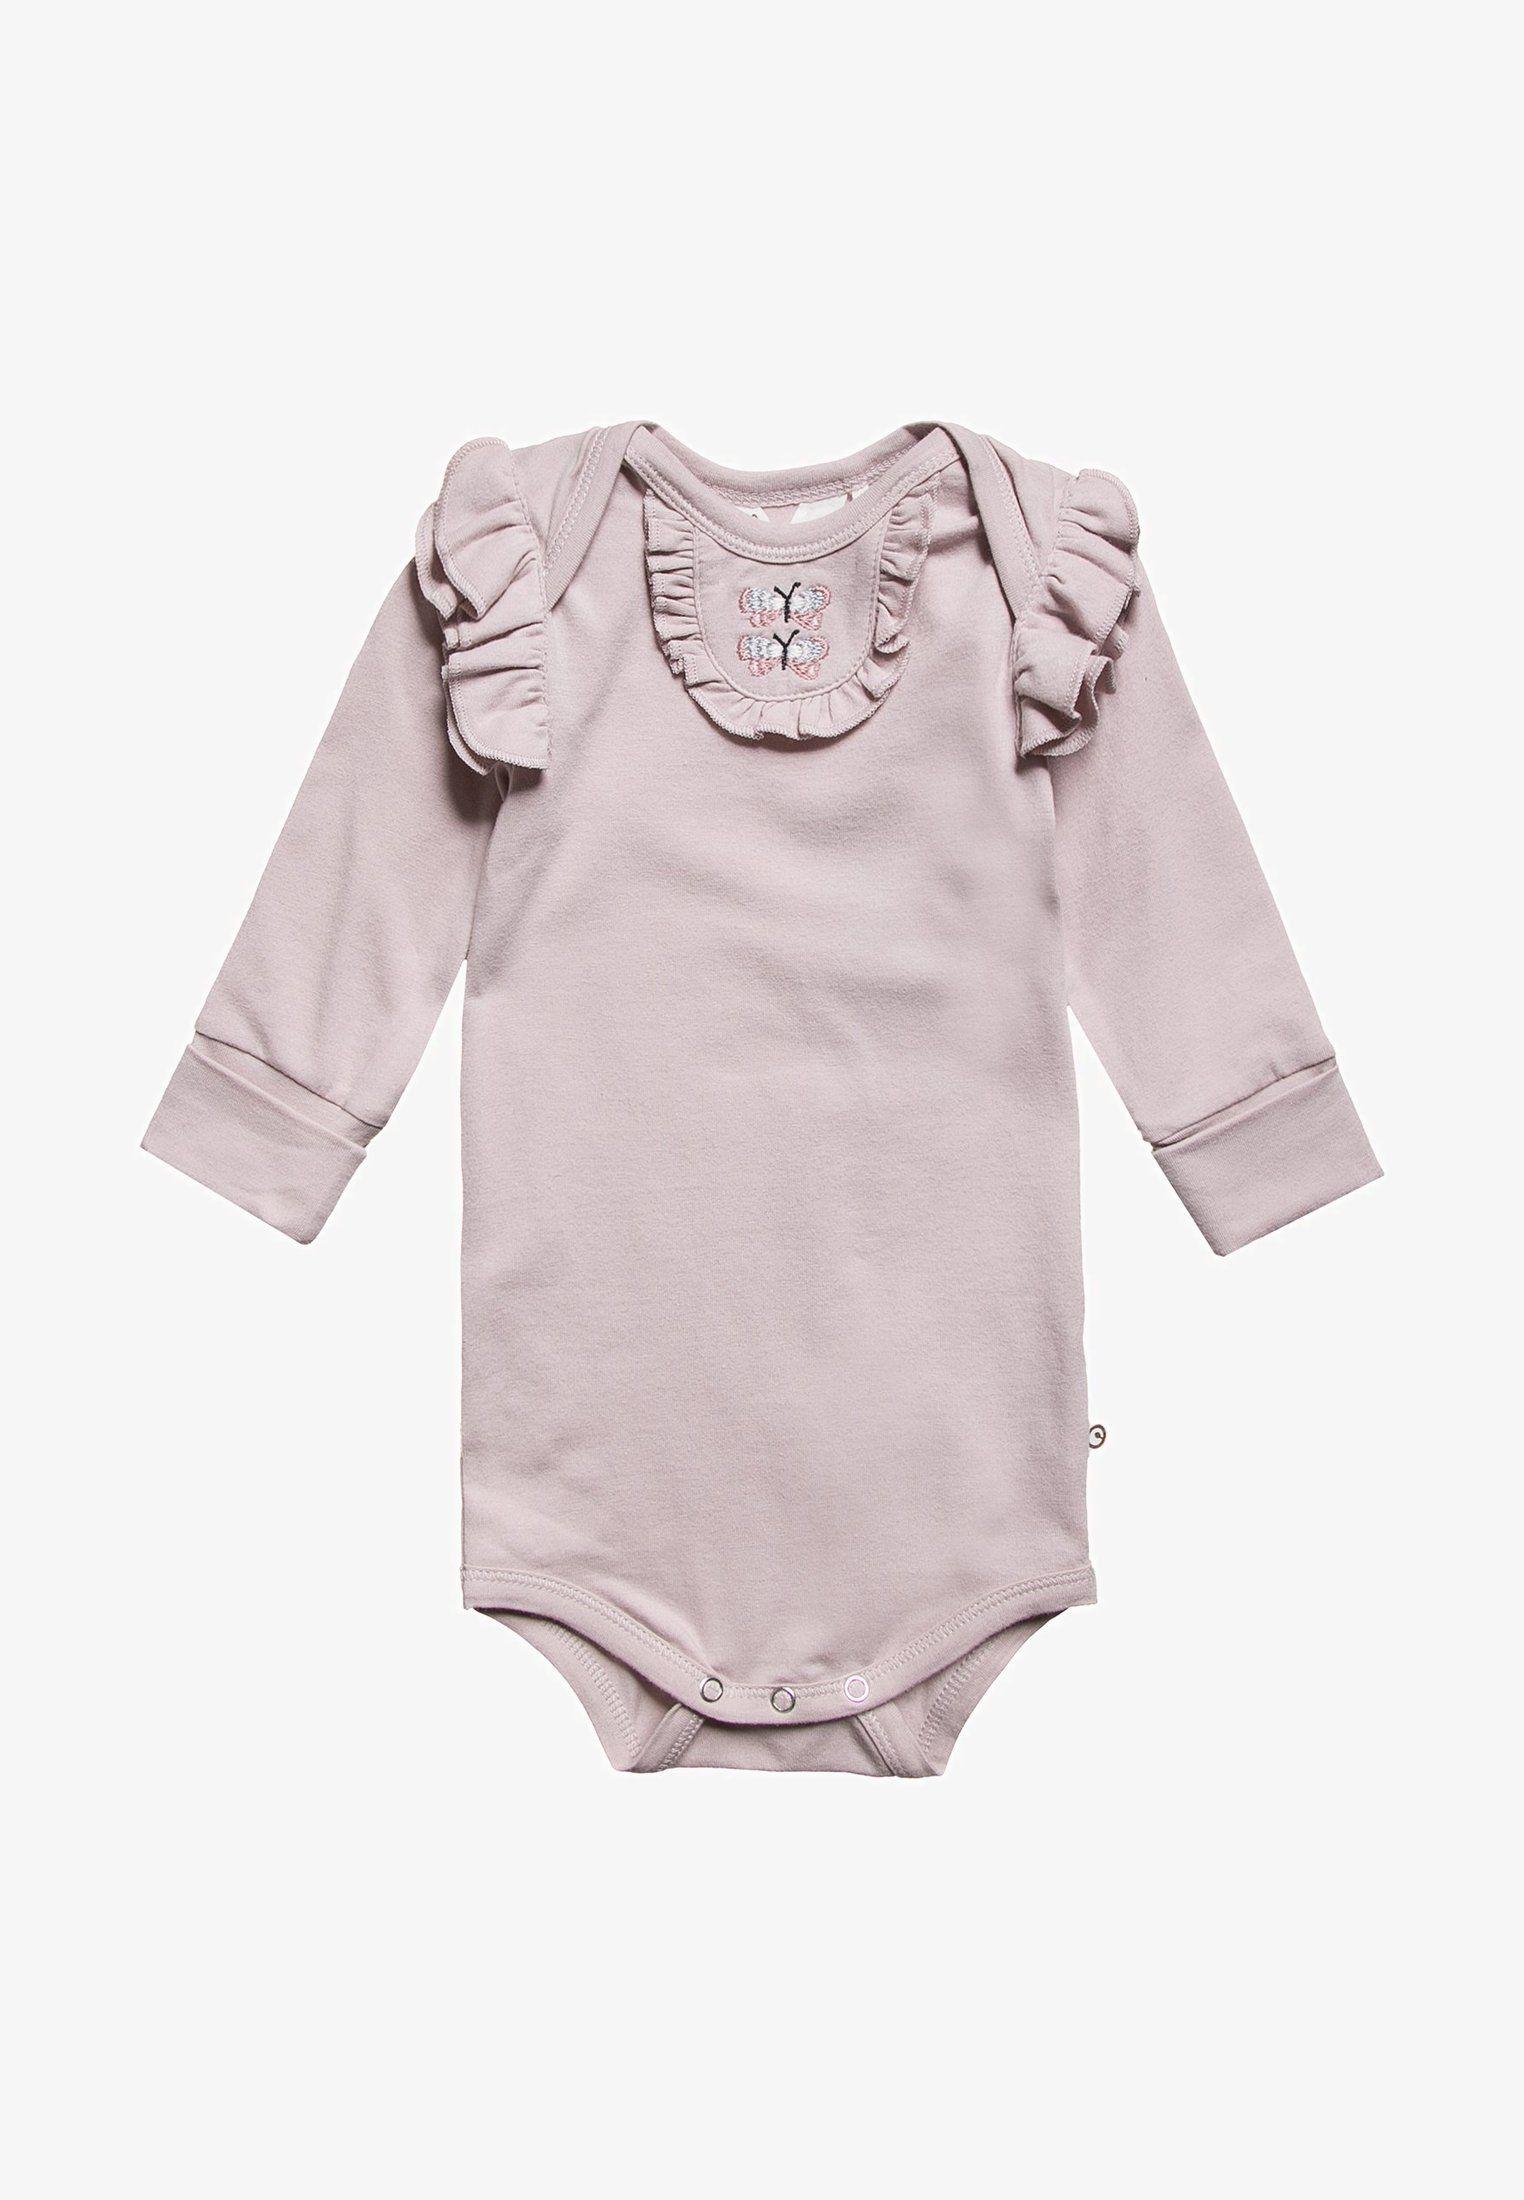 7b8be6e87ba713 Pin von Aileen Tie auf Baby Wäsche